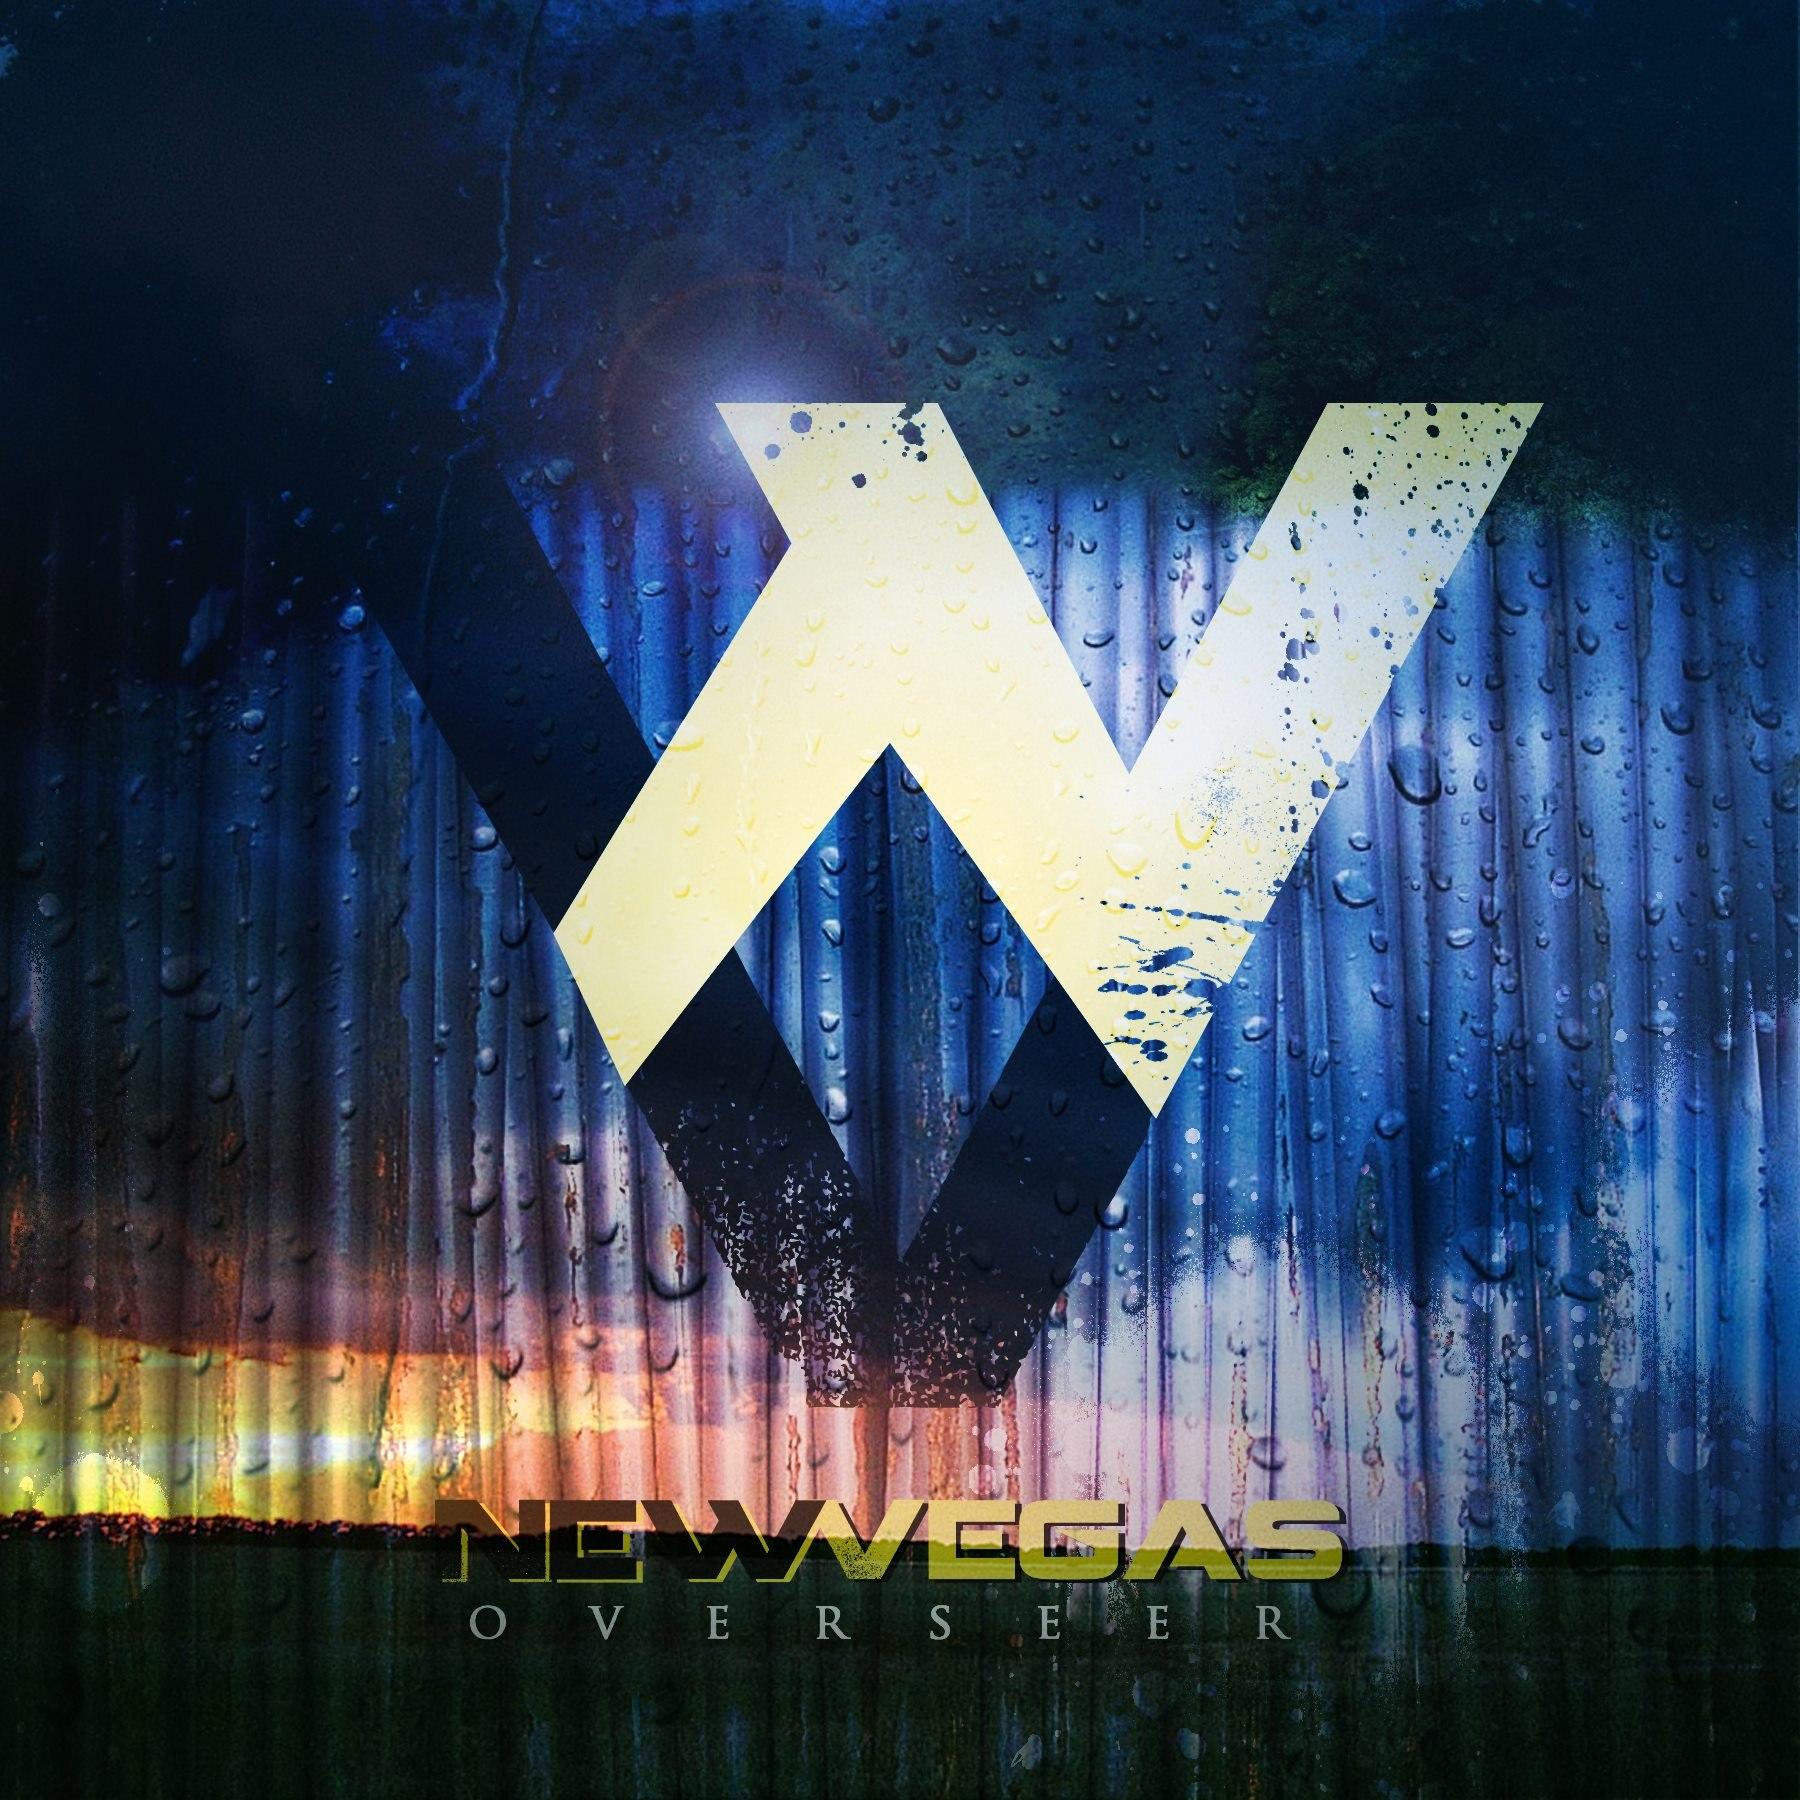 New Vegas - Overseer [EP] (2012)